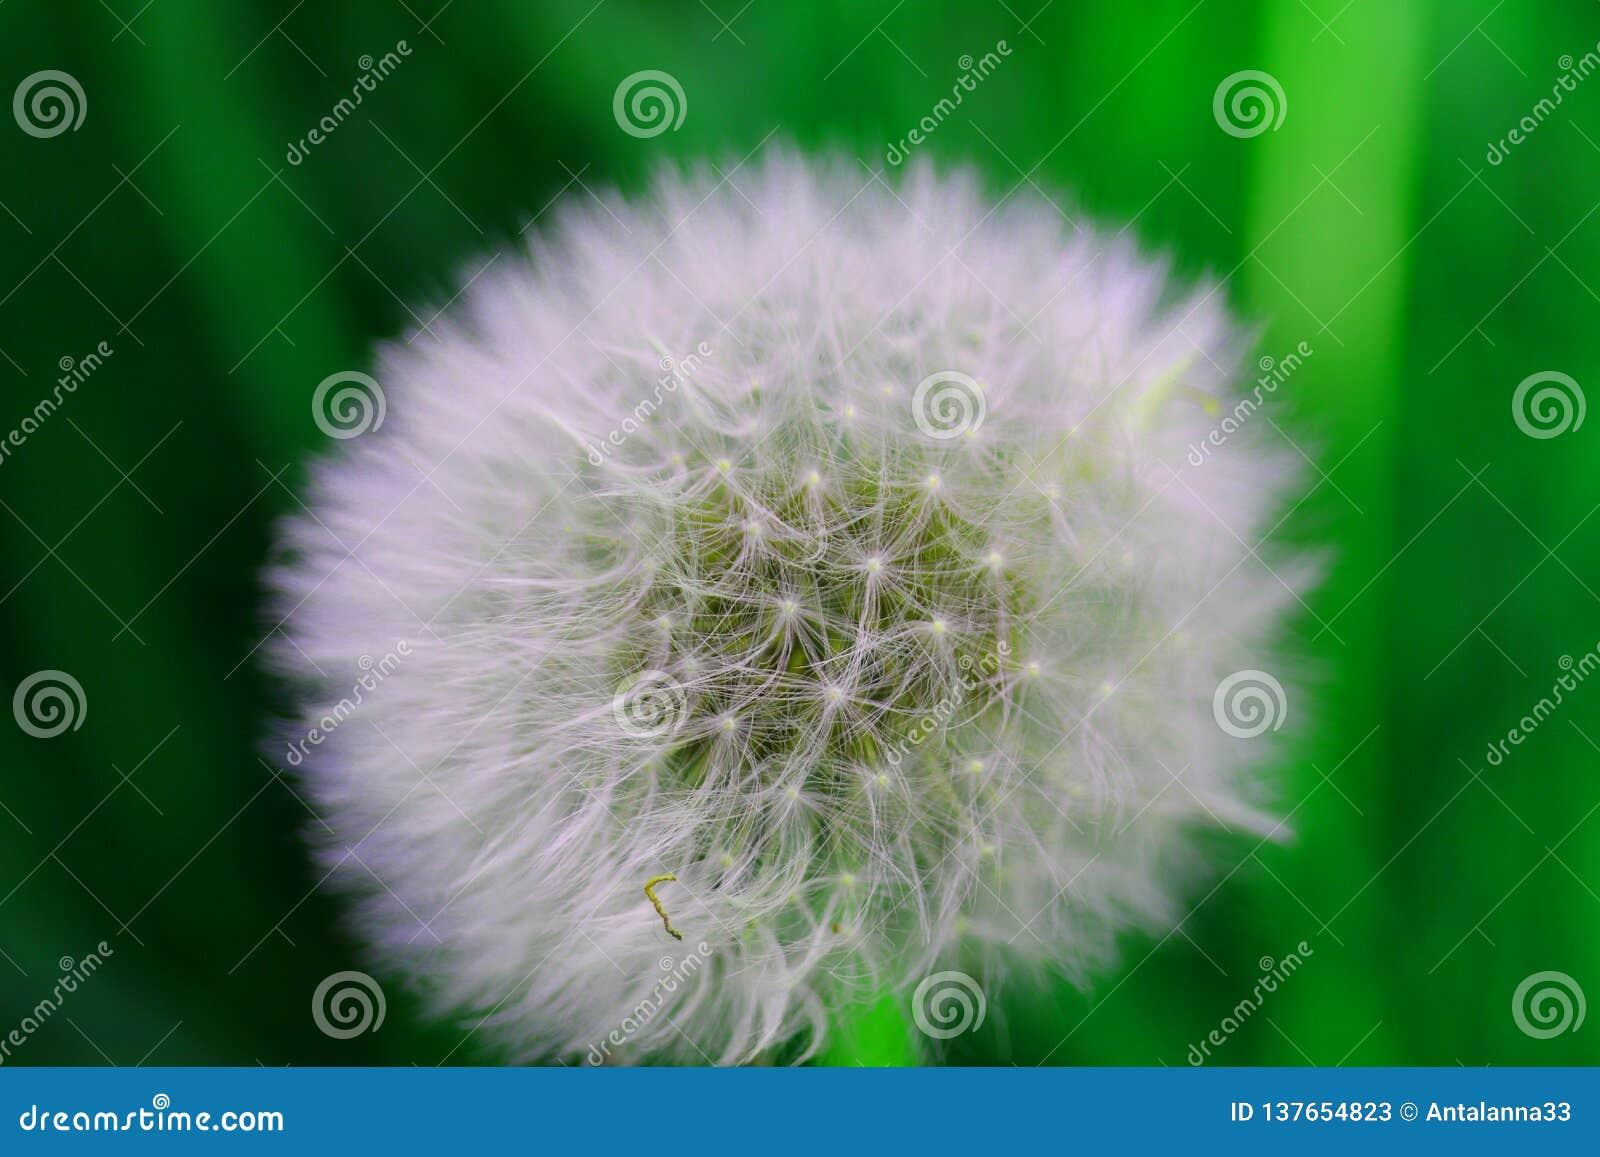 Niektóre widzią świrzepy niektóre widzią życzenie, dandelion w polu